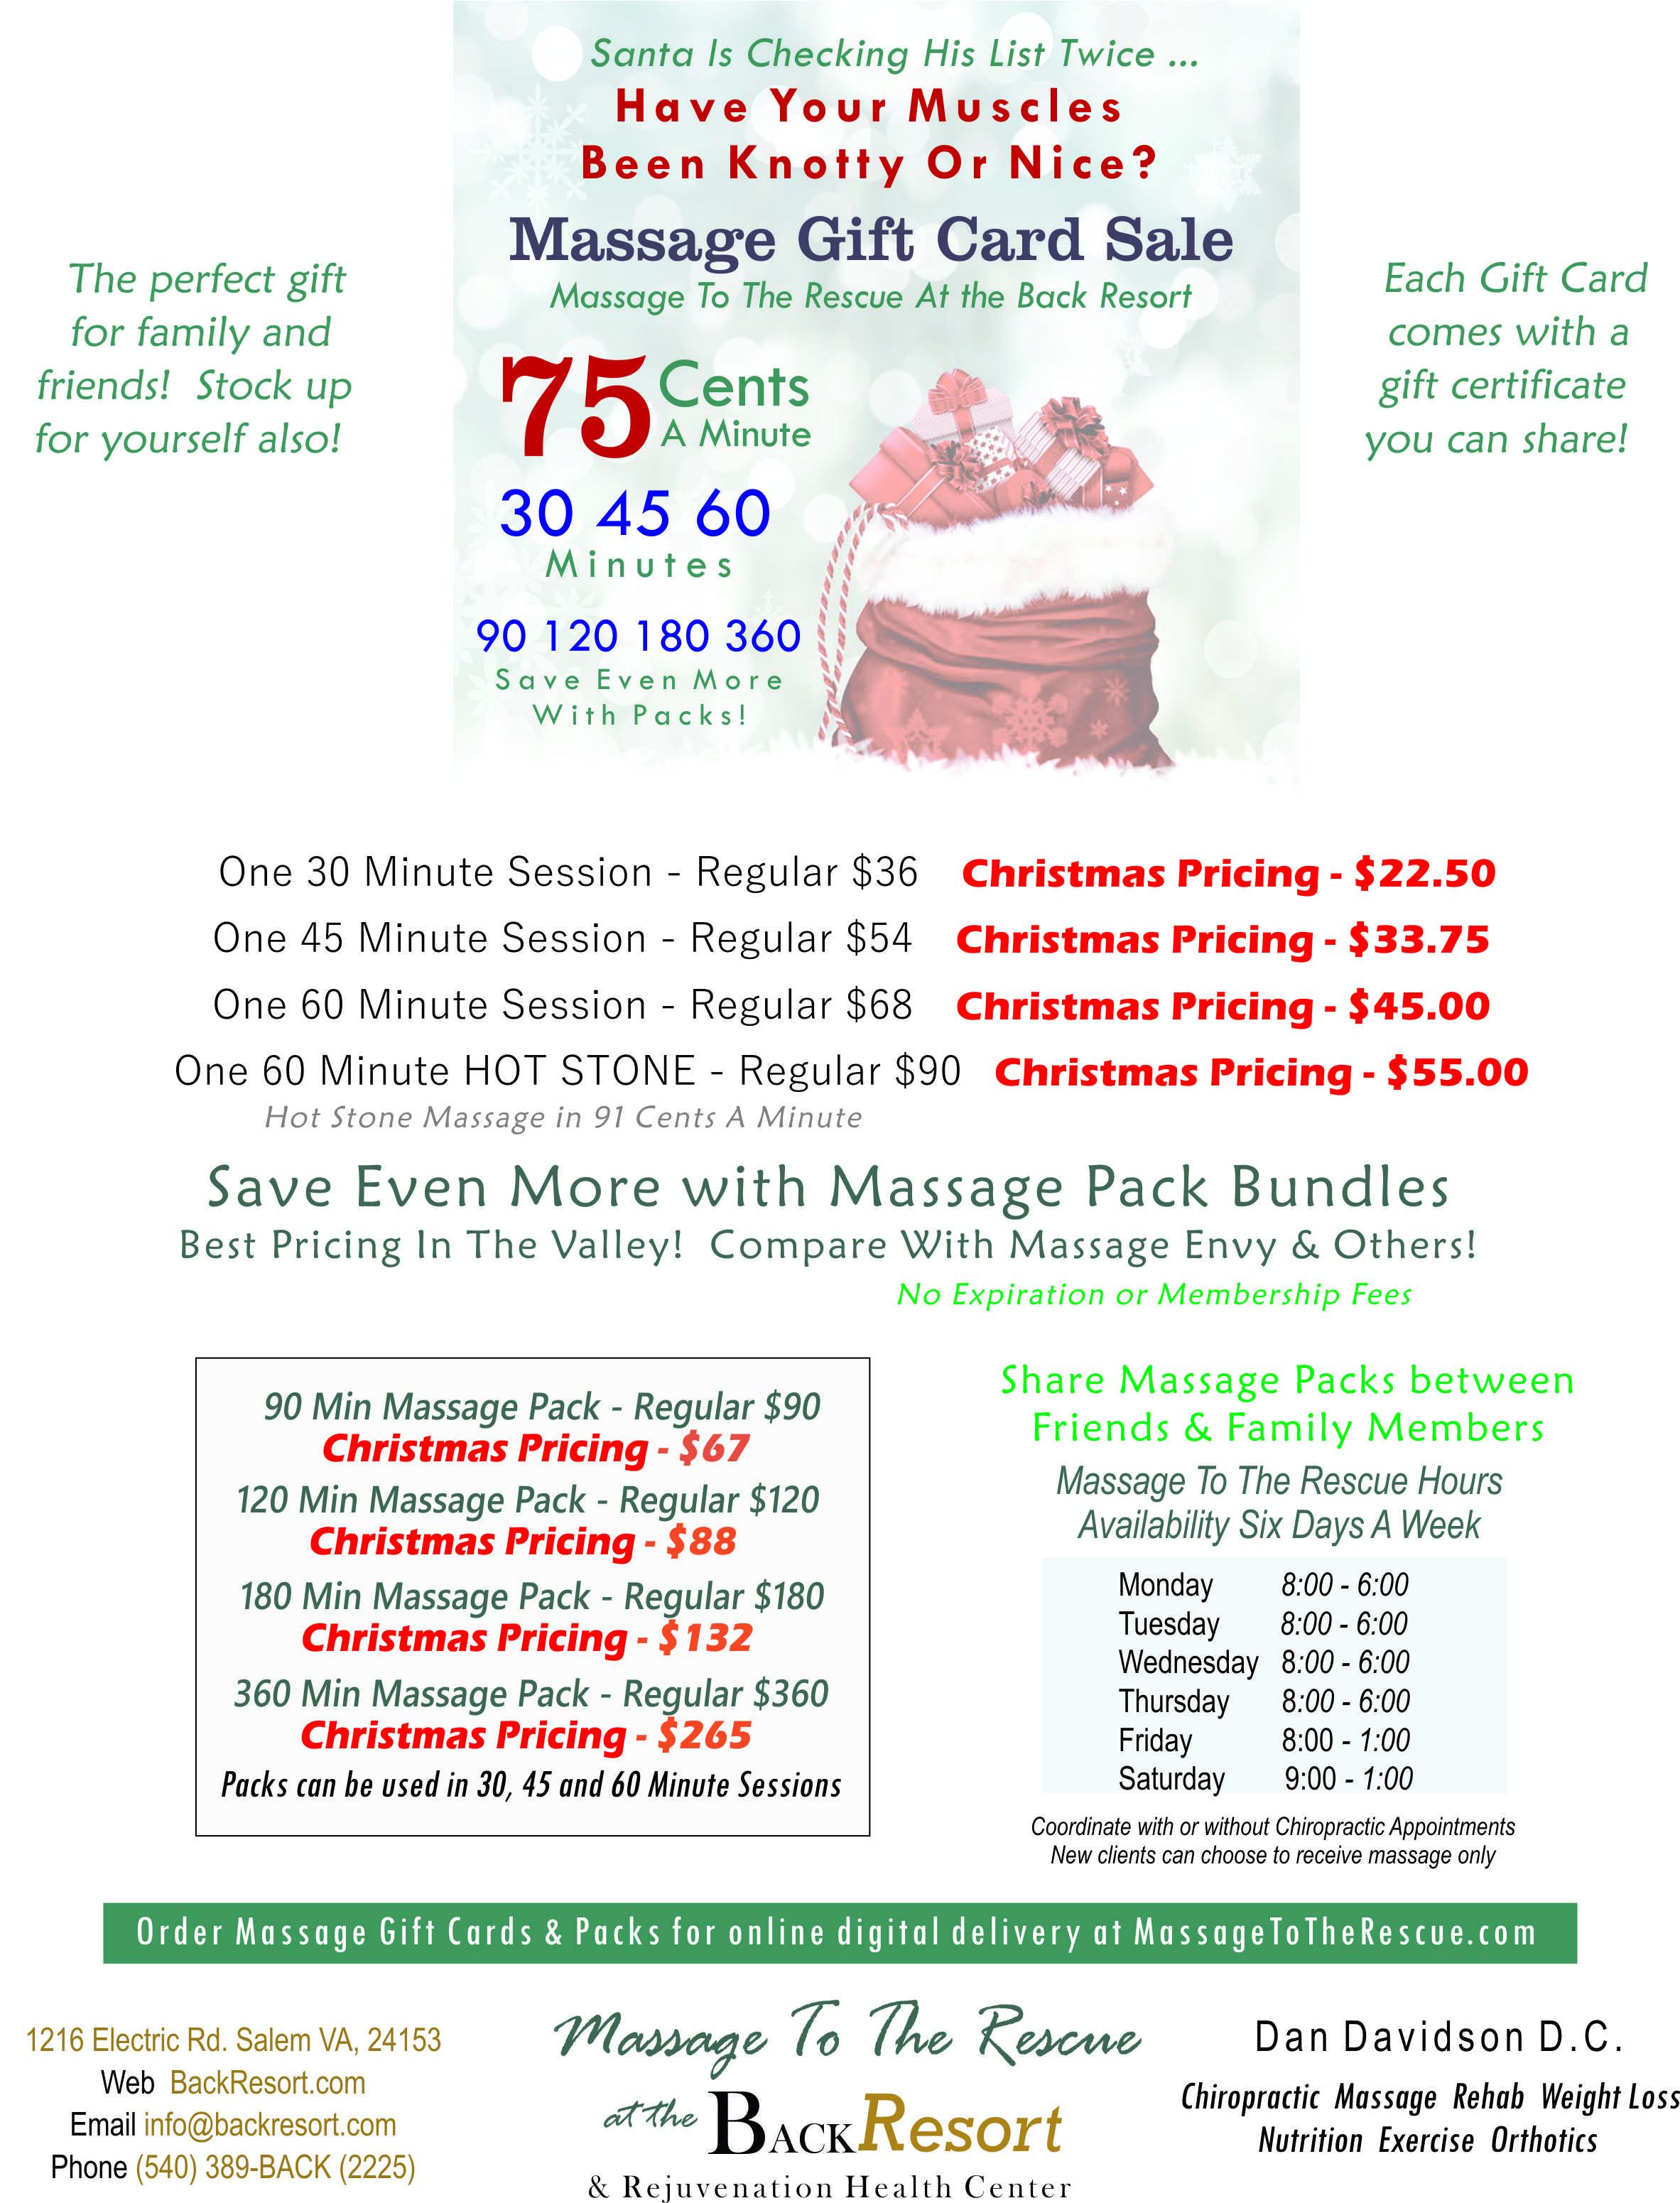 Salem Massage Gift Certificates | Back Resort